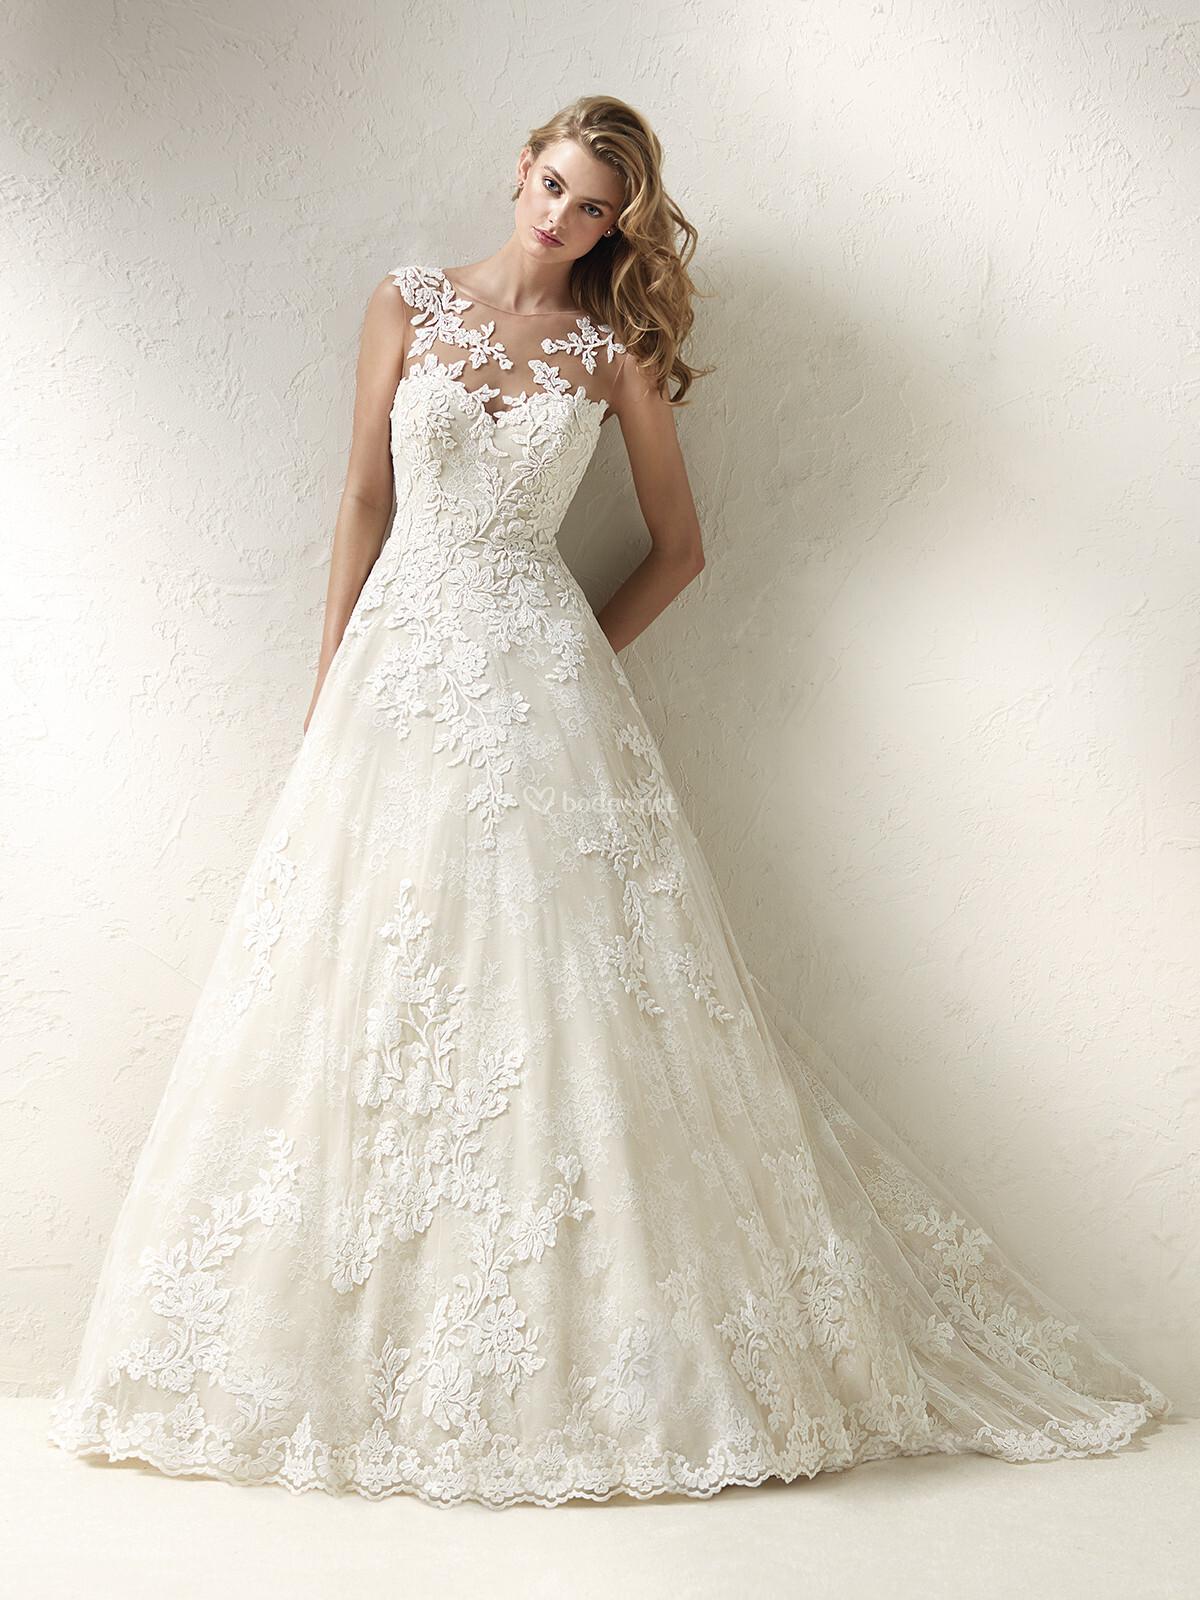 Vestidos novia xativa